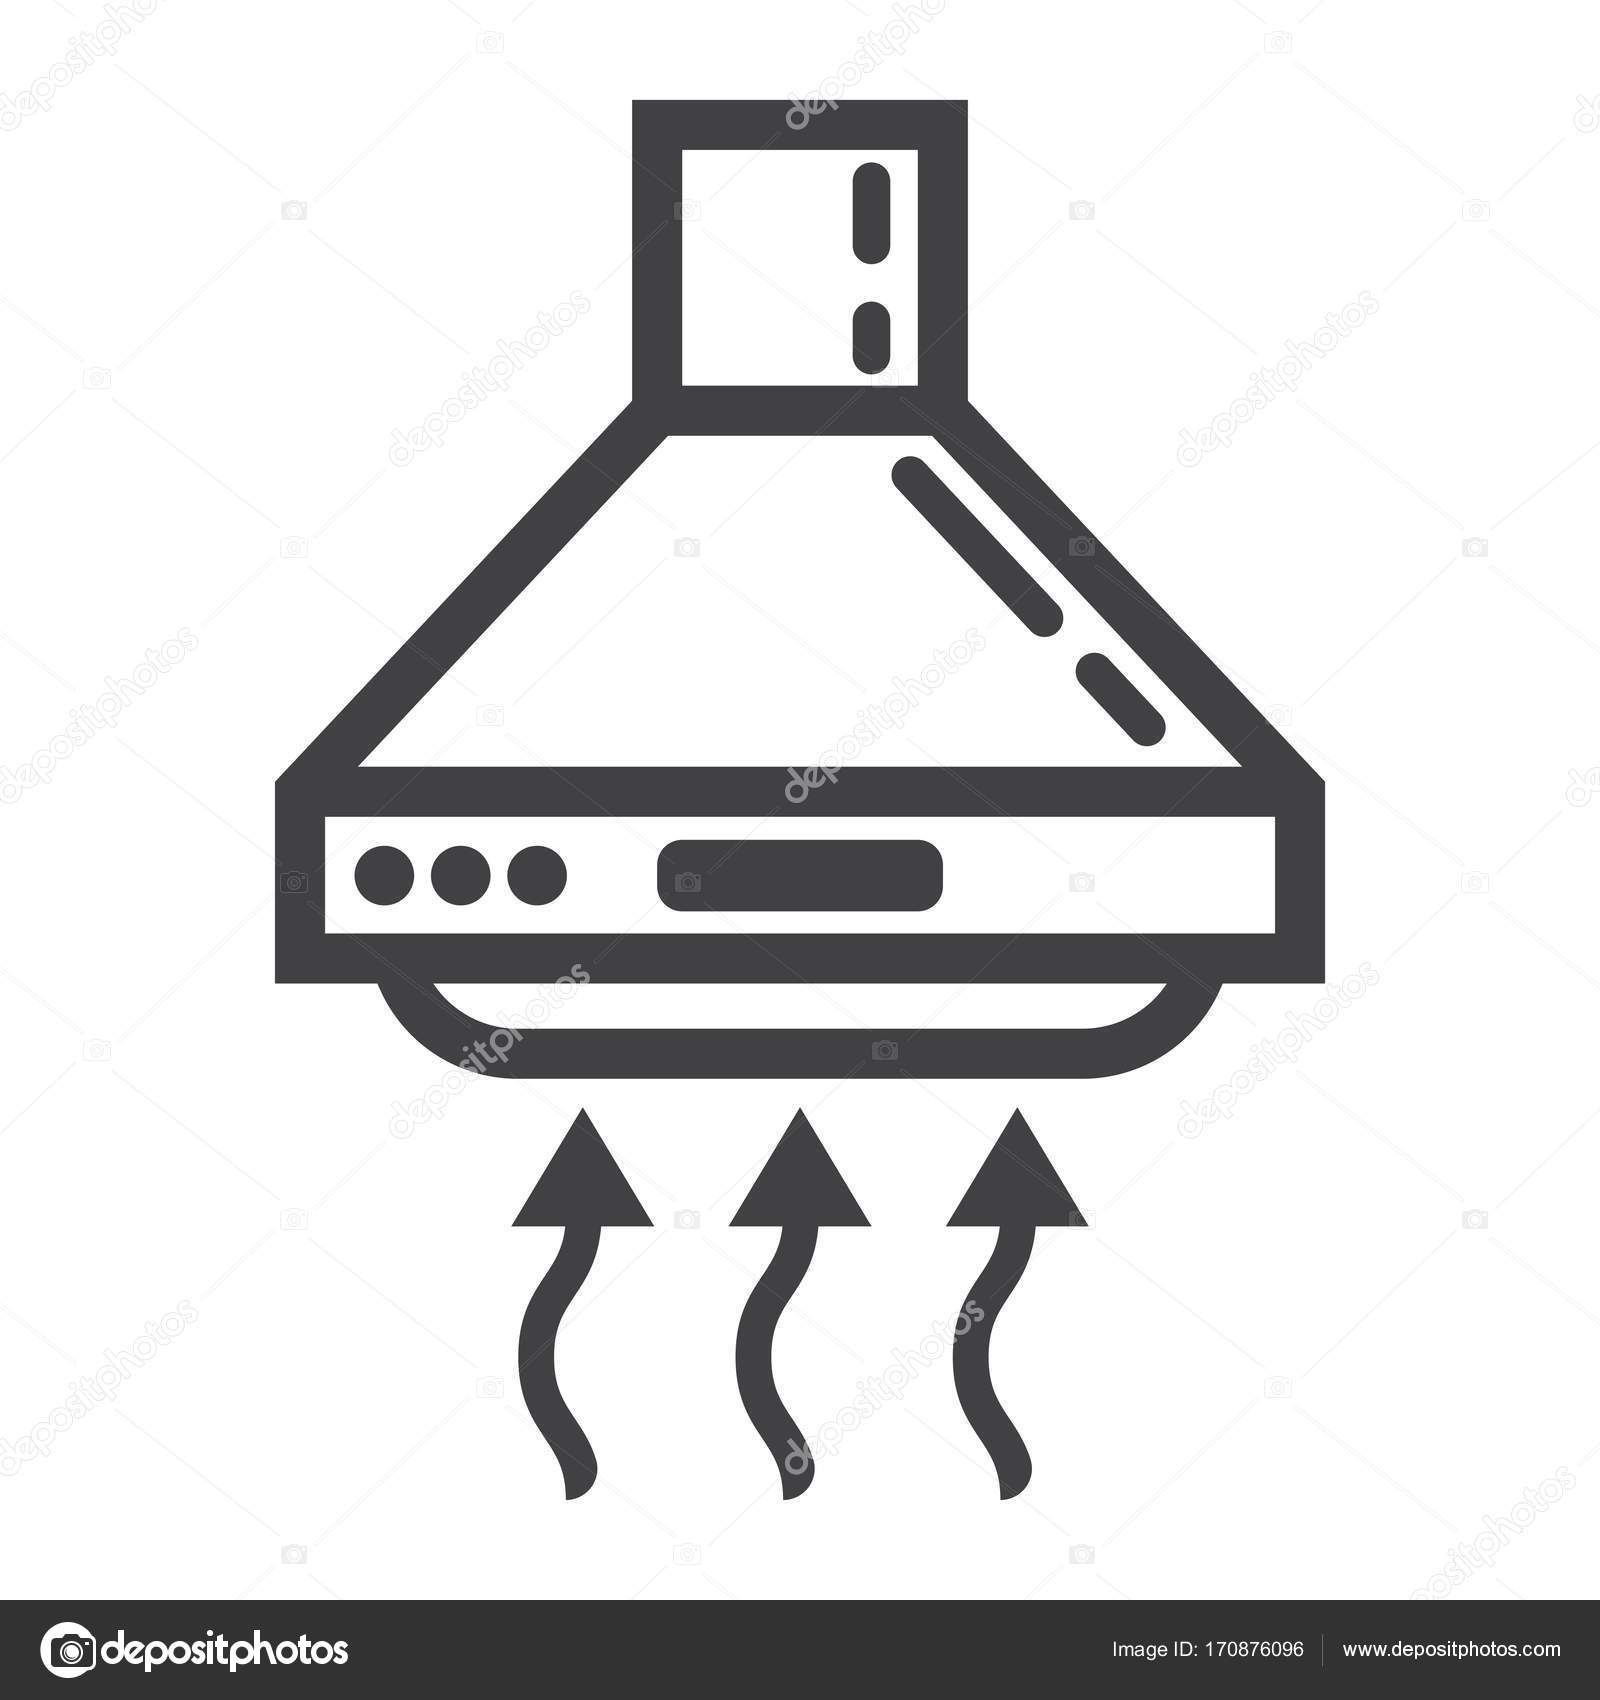 appareil m nager cuisine et ic ne de ligne extracteur hotte image vectorielle amin268. Black Bedroom Furniture Sets. Home Design Ideas